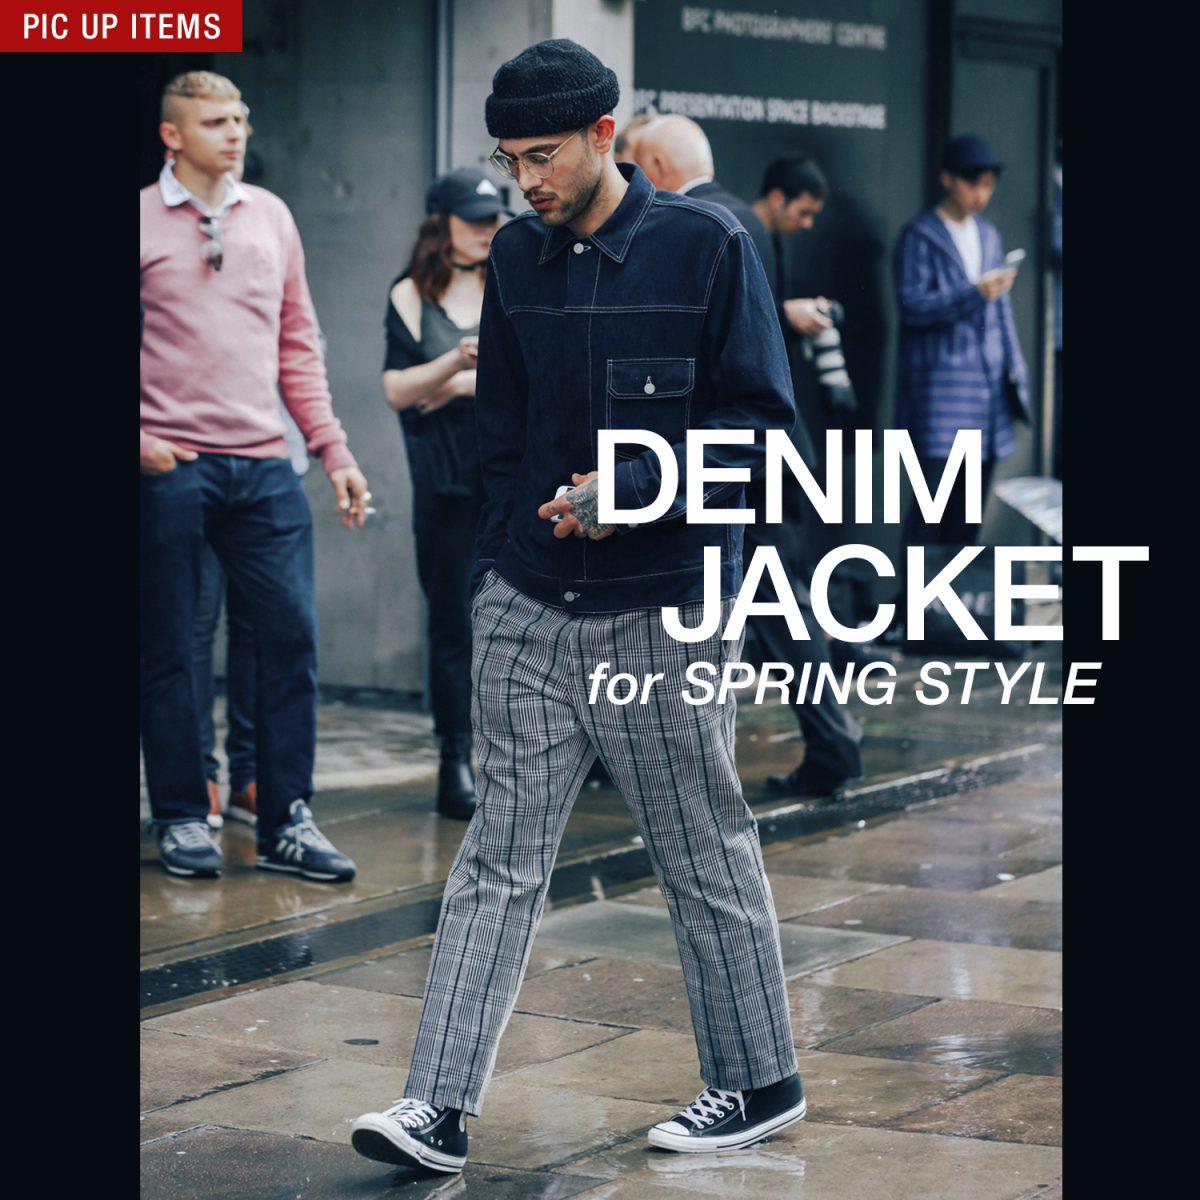 デニムジャケットを大人の男性が着こなすコツ!春コーデ例などを解説